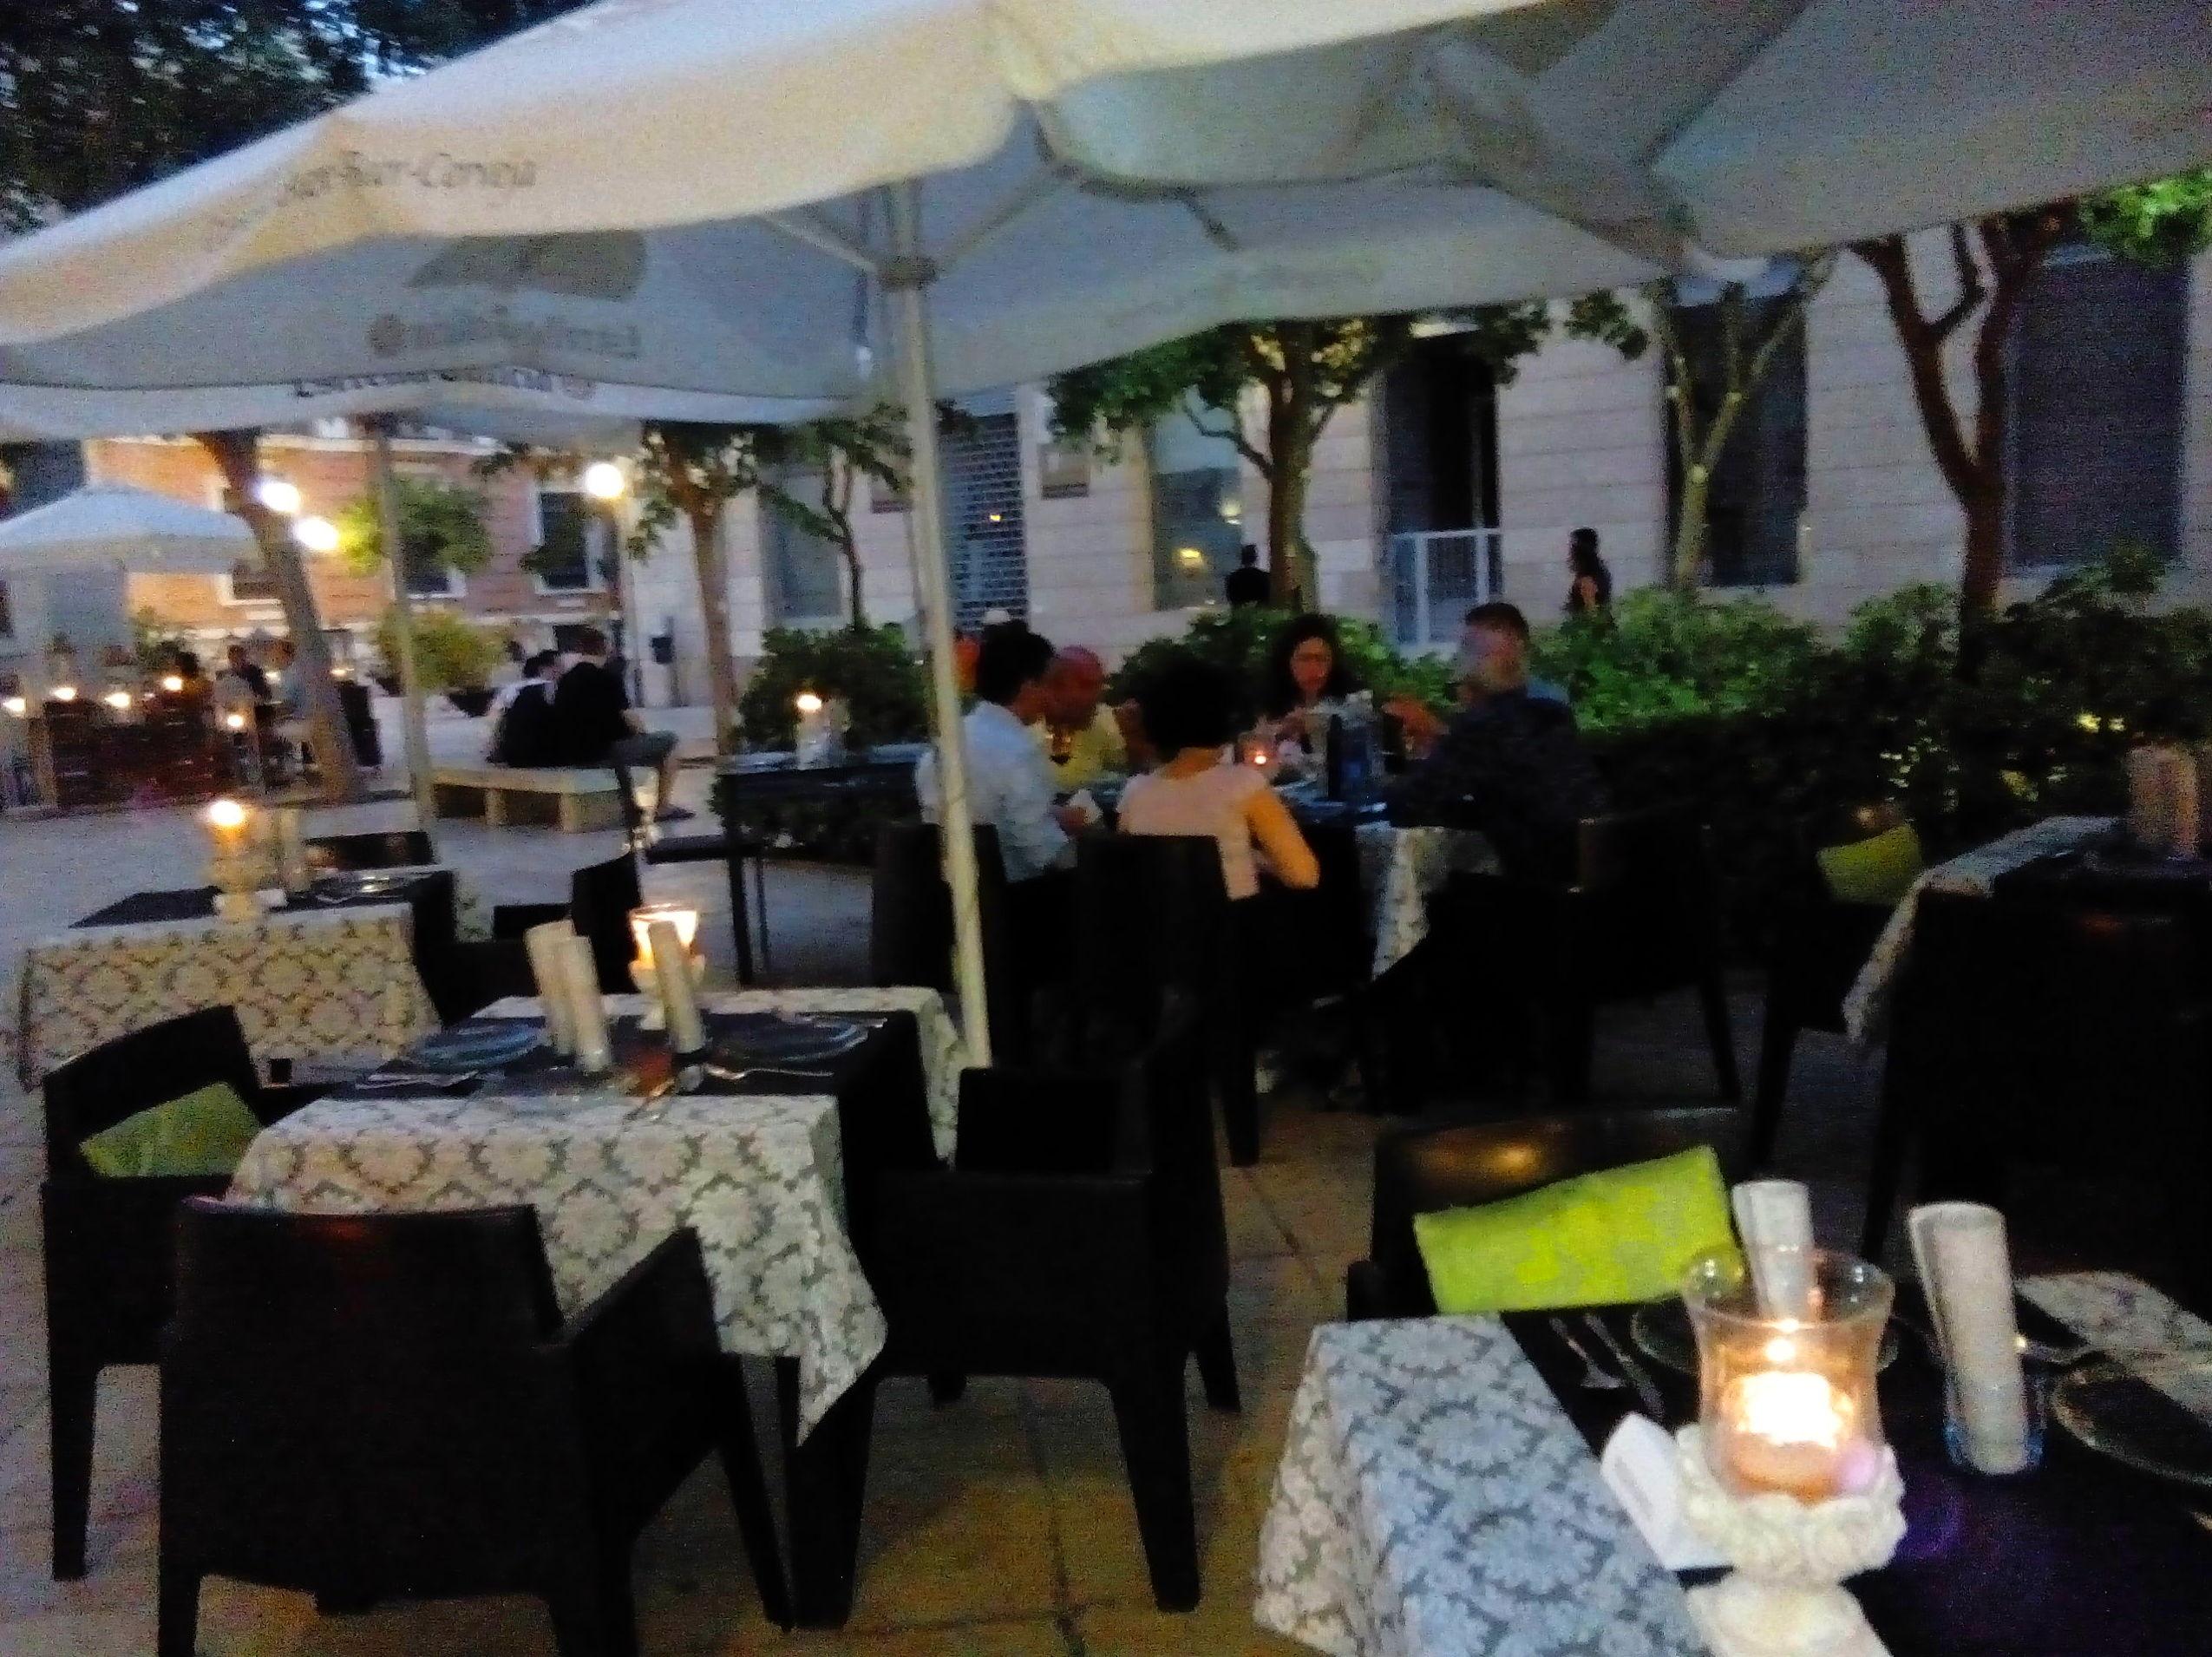 Foto 8 de Restaurante en Valencia | LOURDES ILLUECA DOBÓN